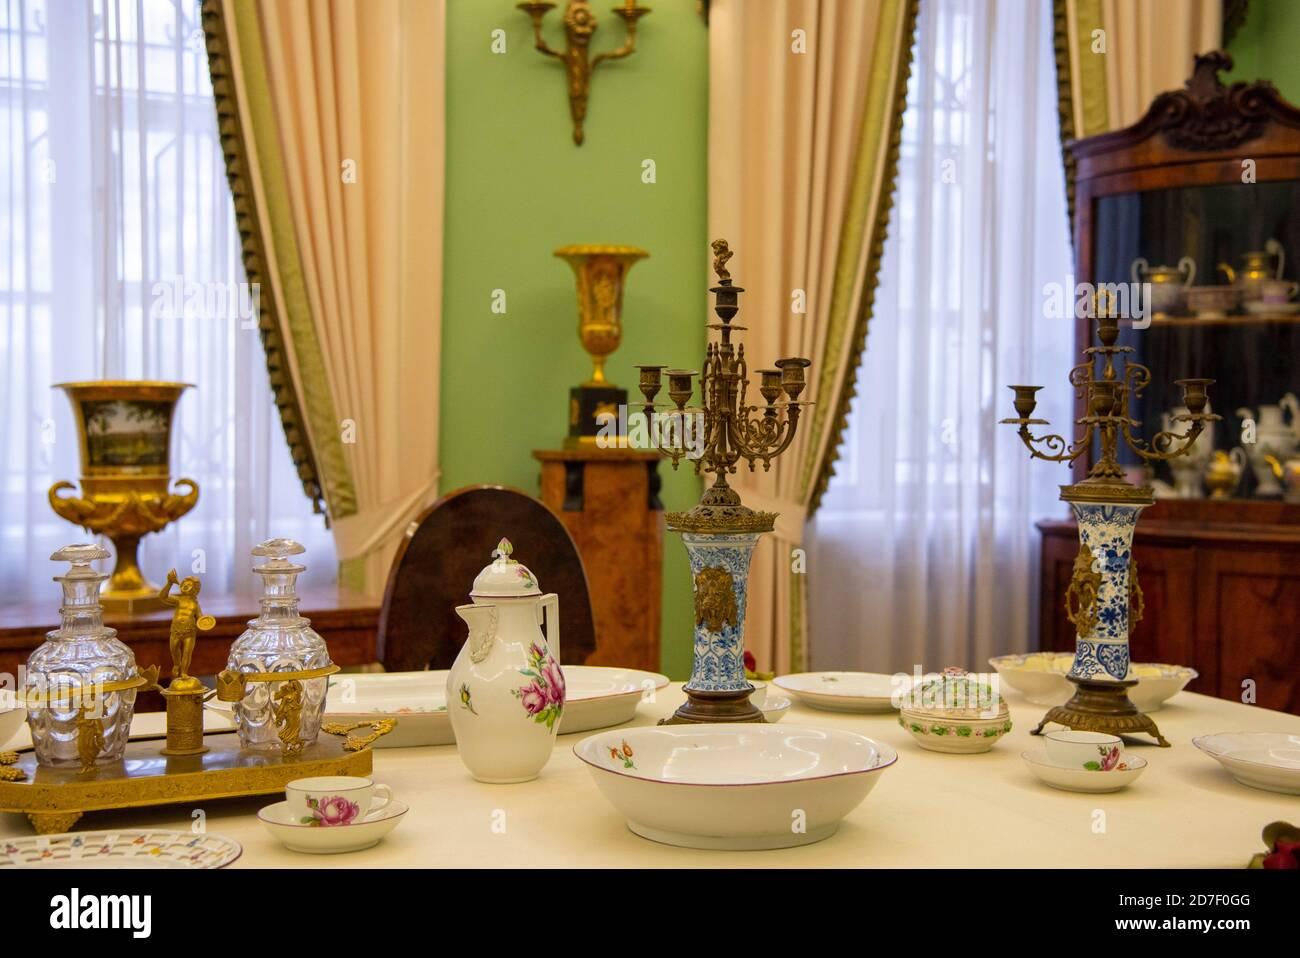 La sala del museo en EL VIEJO HOMESTEAD. Sala de estar con mesa para la llegada de los huéspedes. Foto de stock